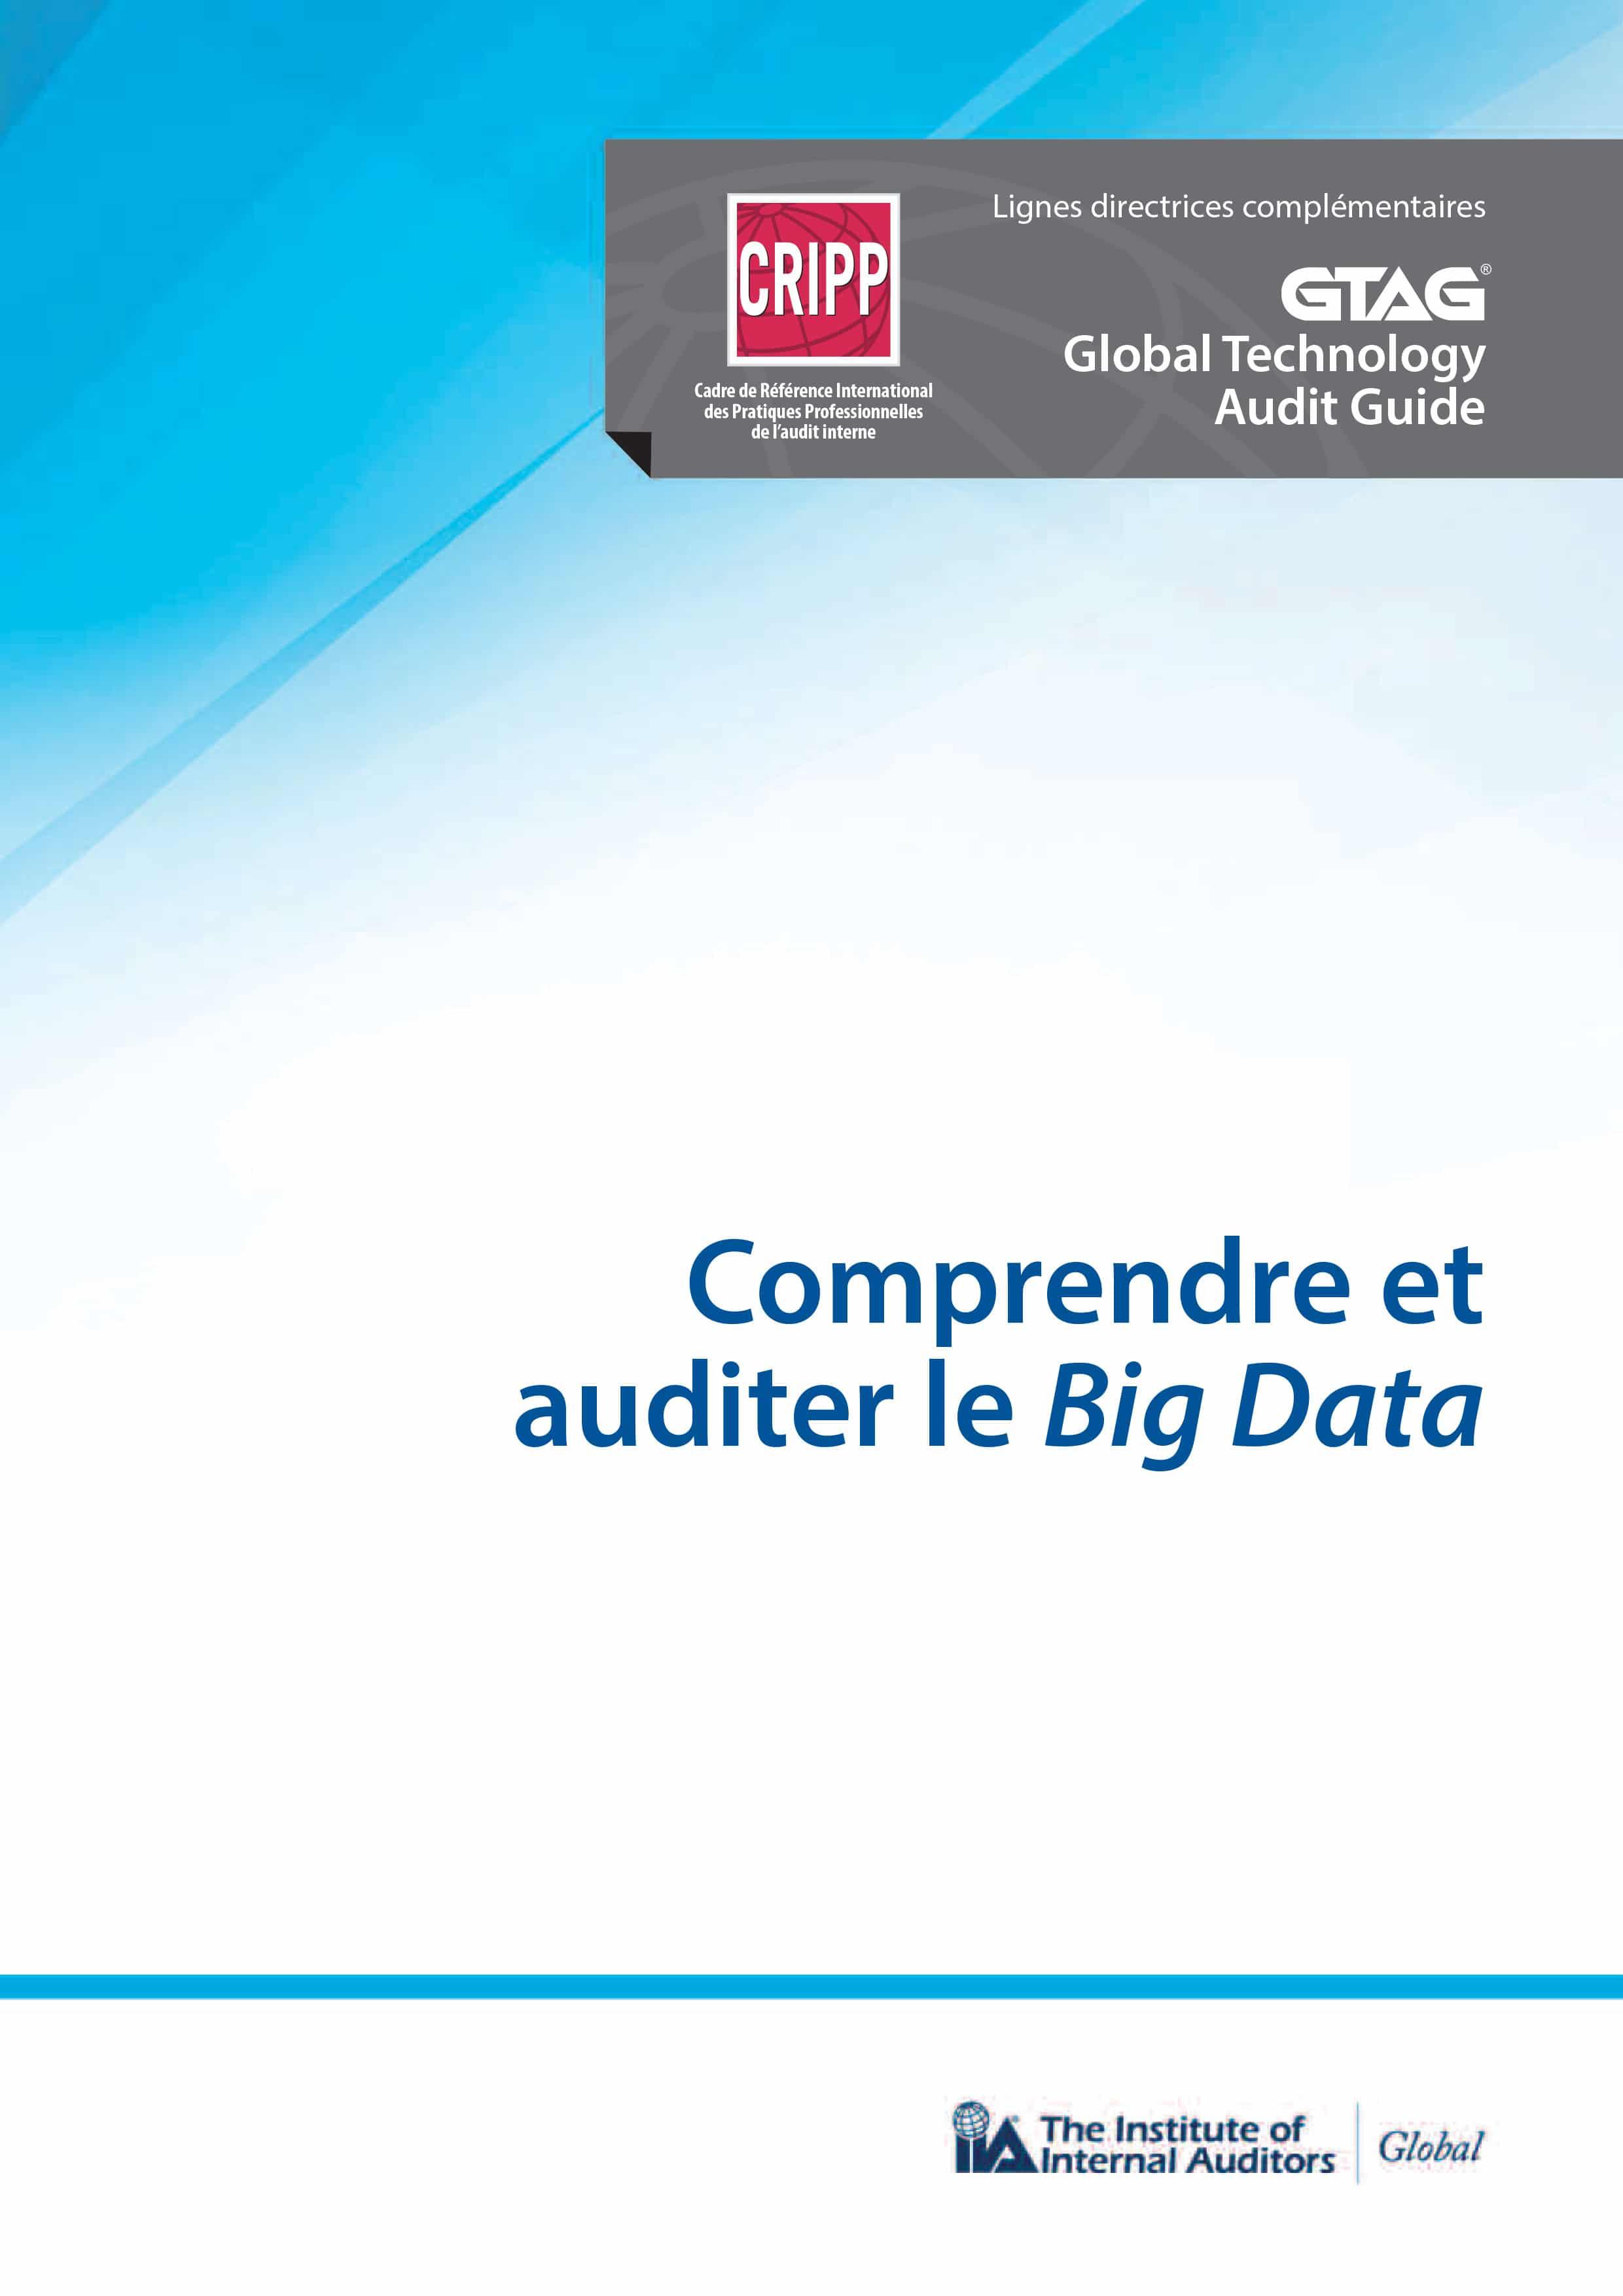 GTAG : Comprendre et auditer le Big data